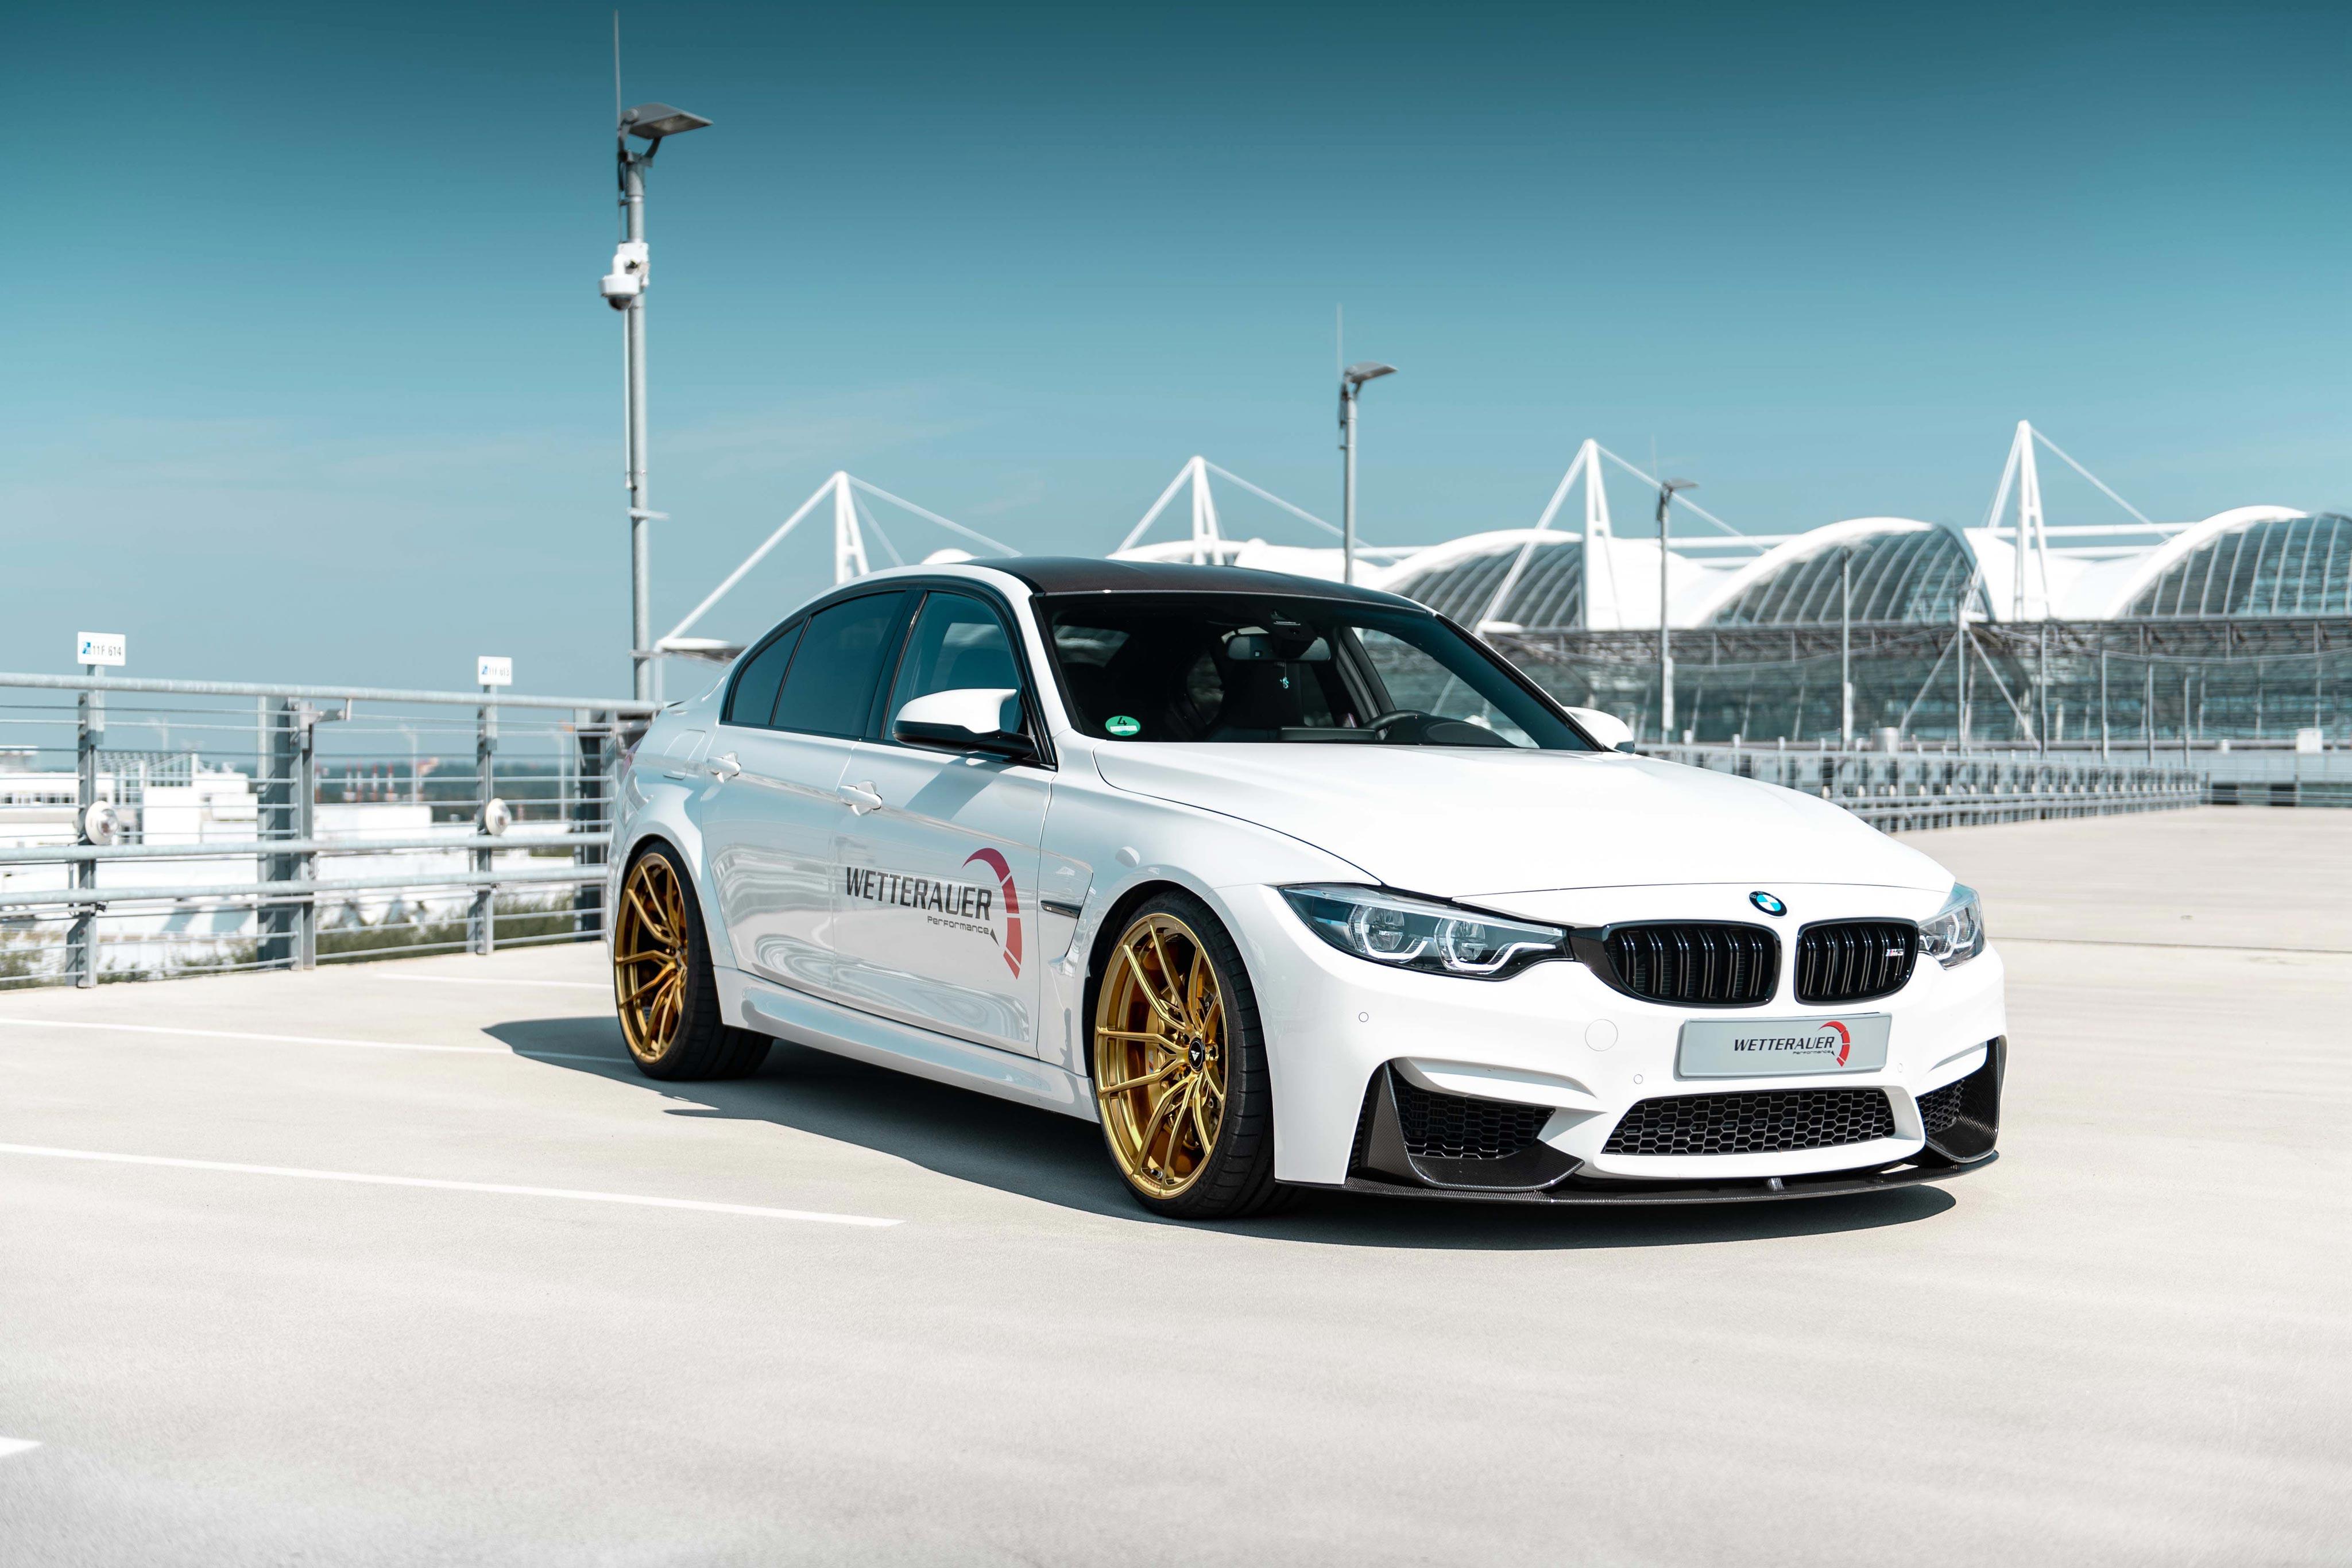 Wetterauer Performance BMW M3 GTS 2018, HD Cars, 4k ...